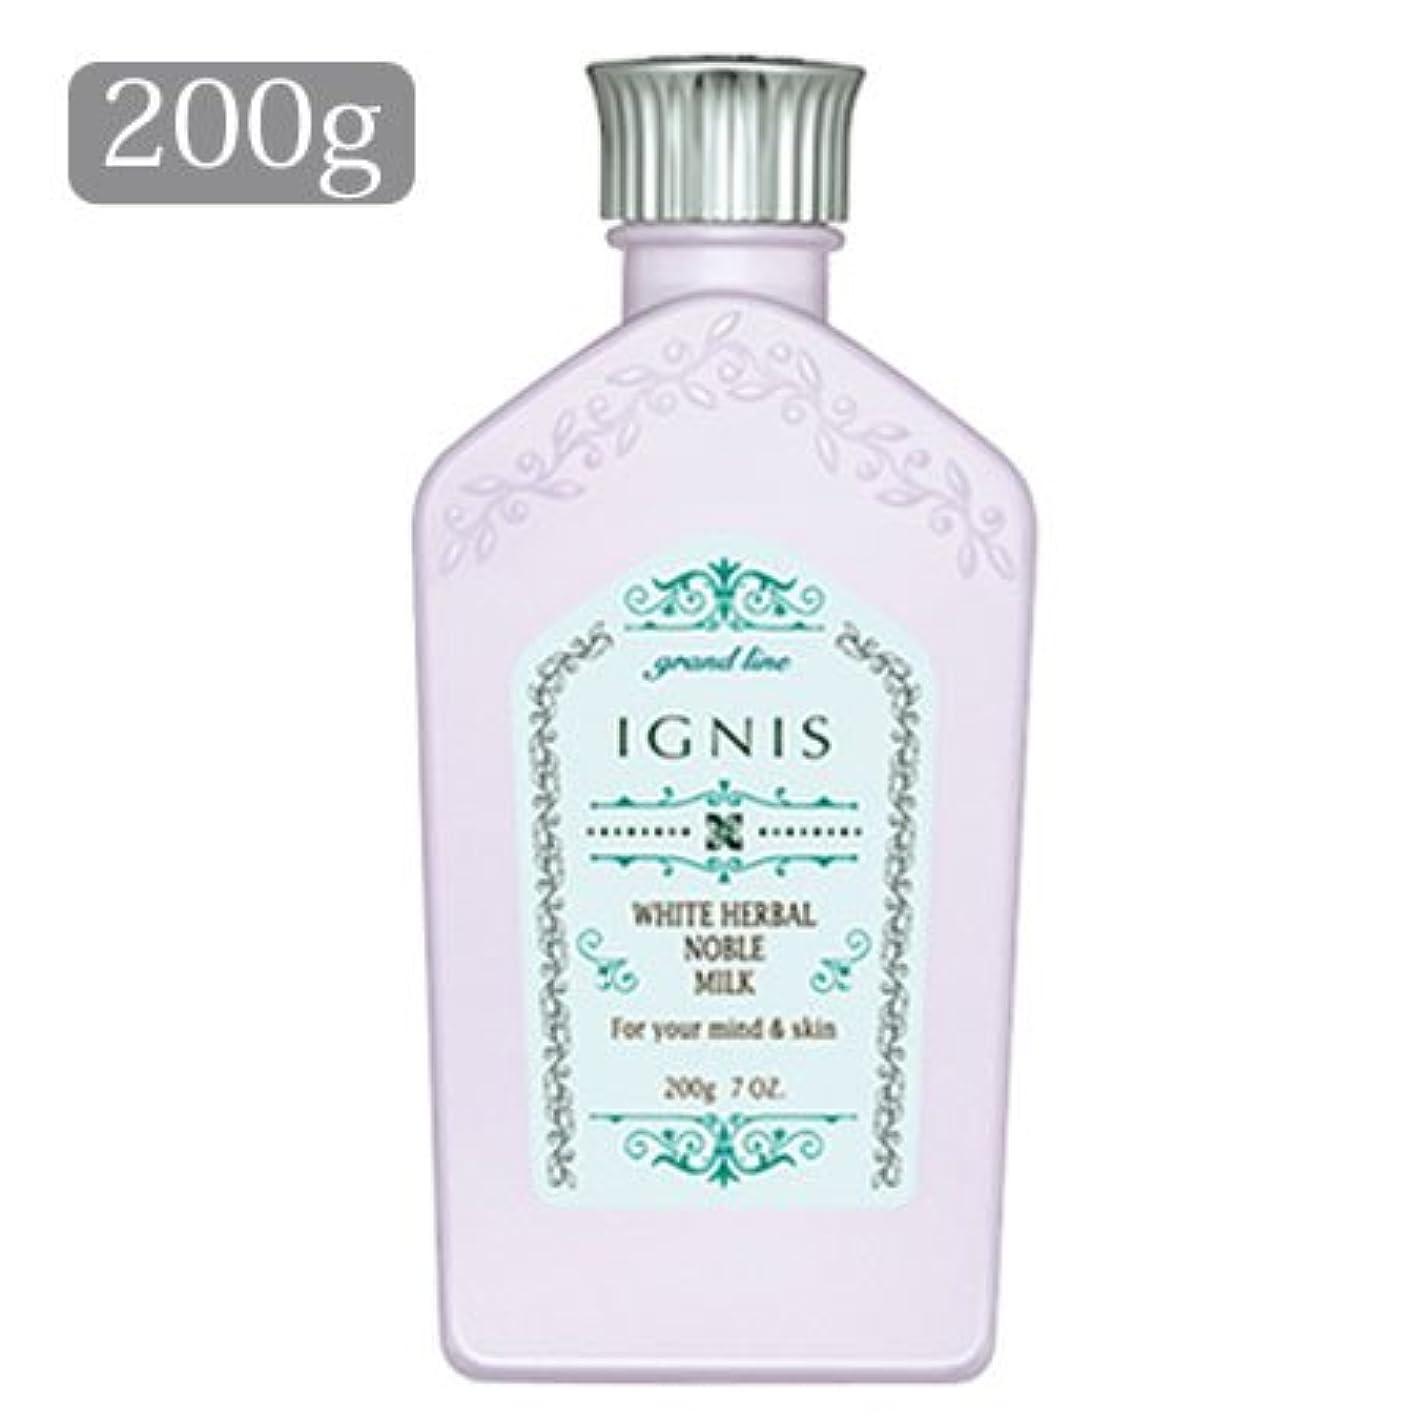 毒液一過性どれかイグニス ホワイトハーバル ノーブル ミルク 200g -IGNIS-